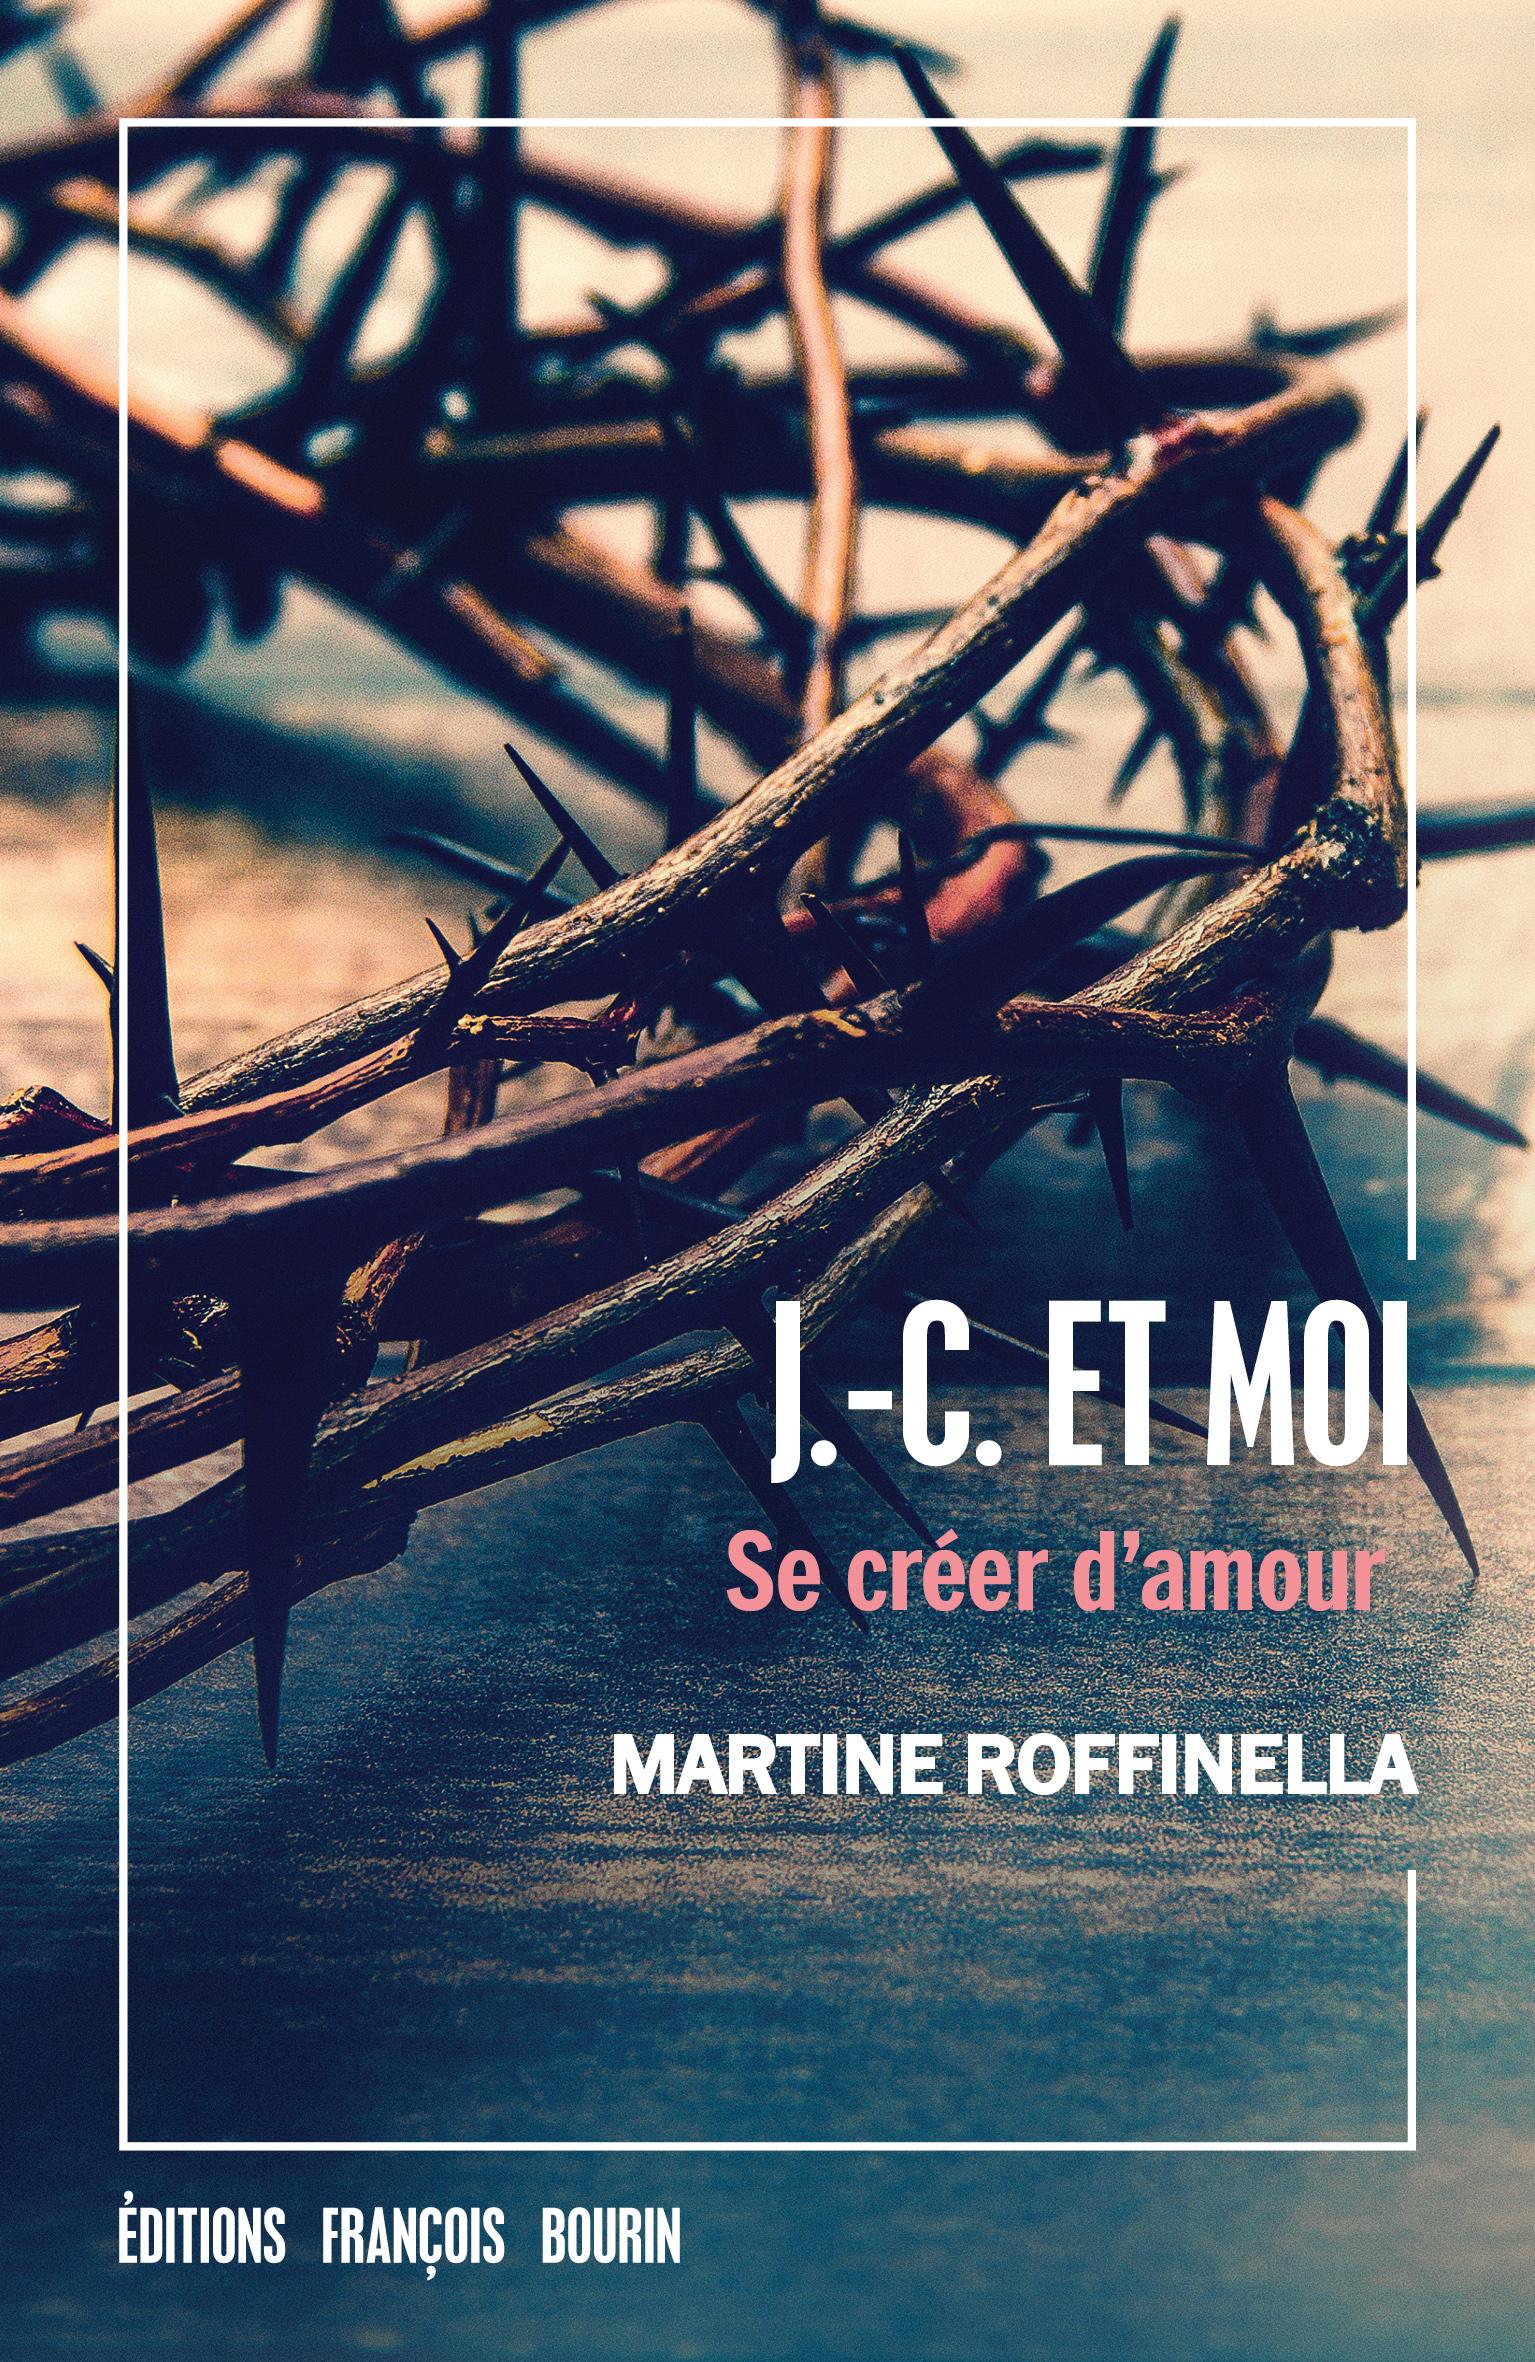 J.-C. et Moi